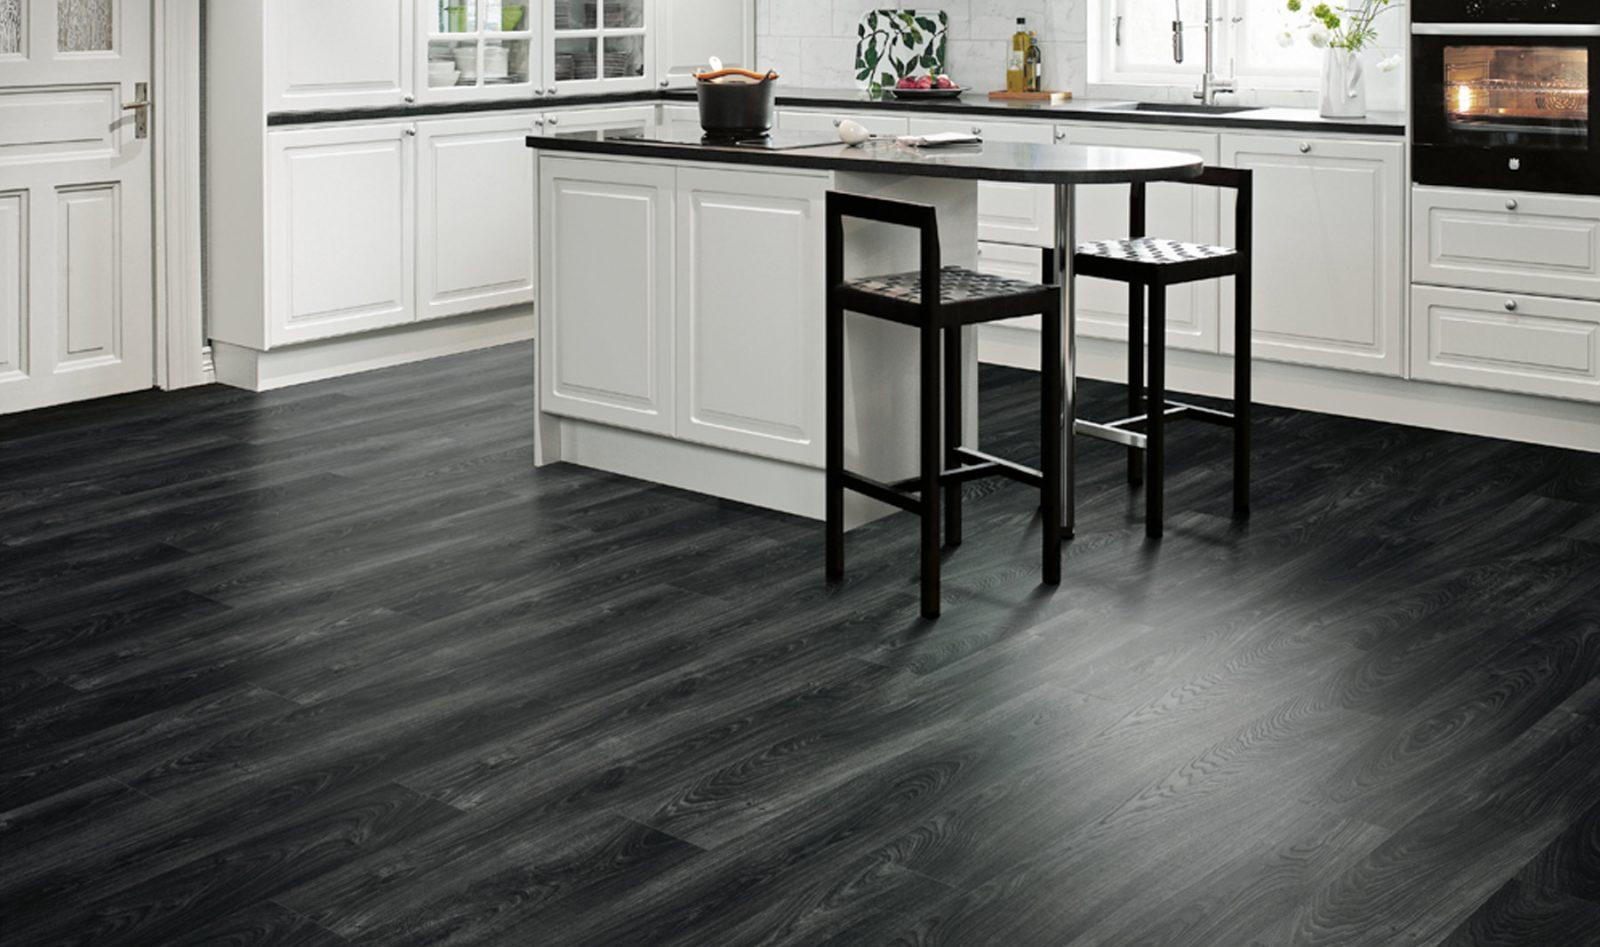 suelos laminados para cocinas dise os arquitect nicos